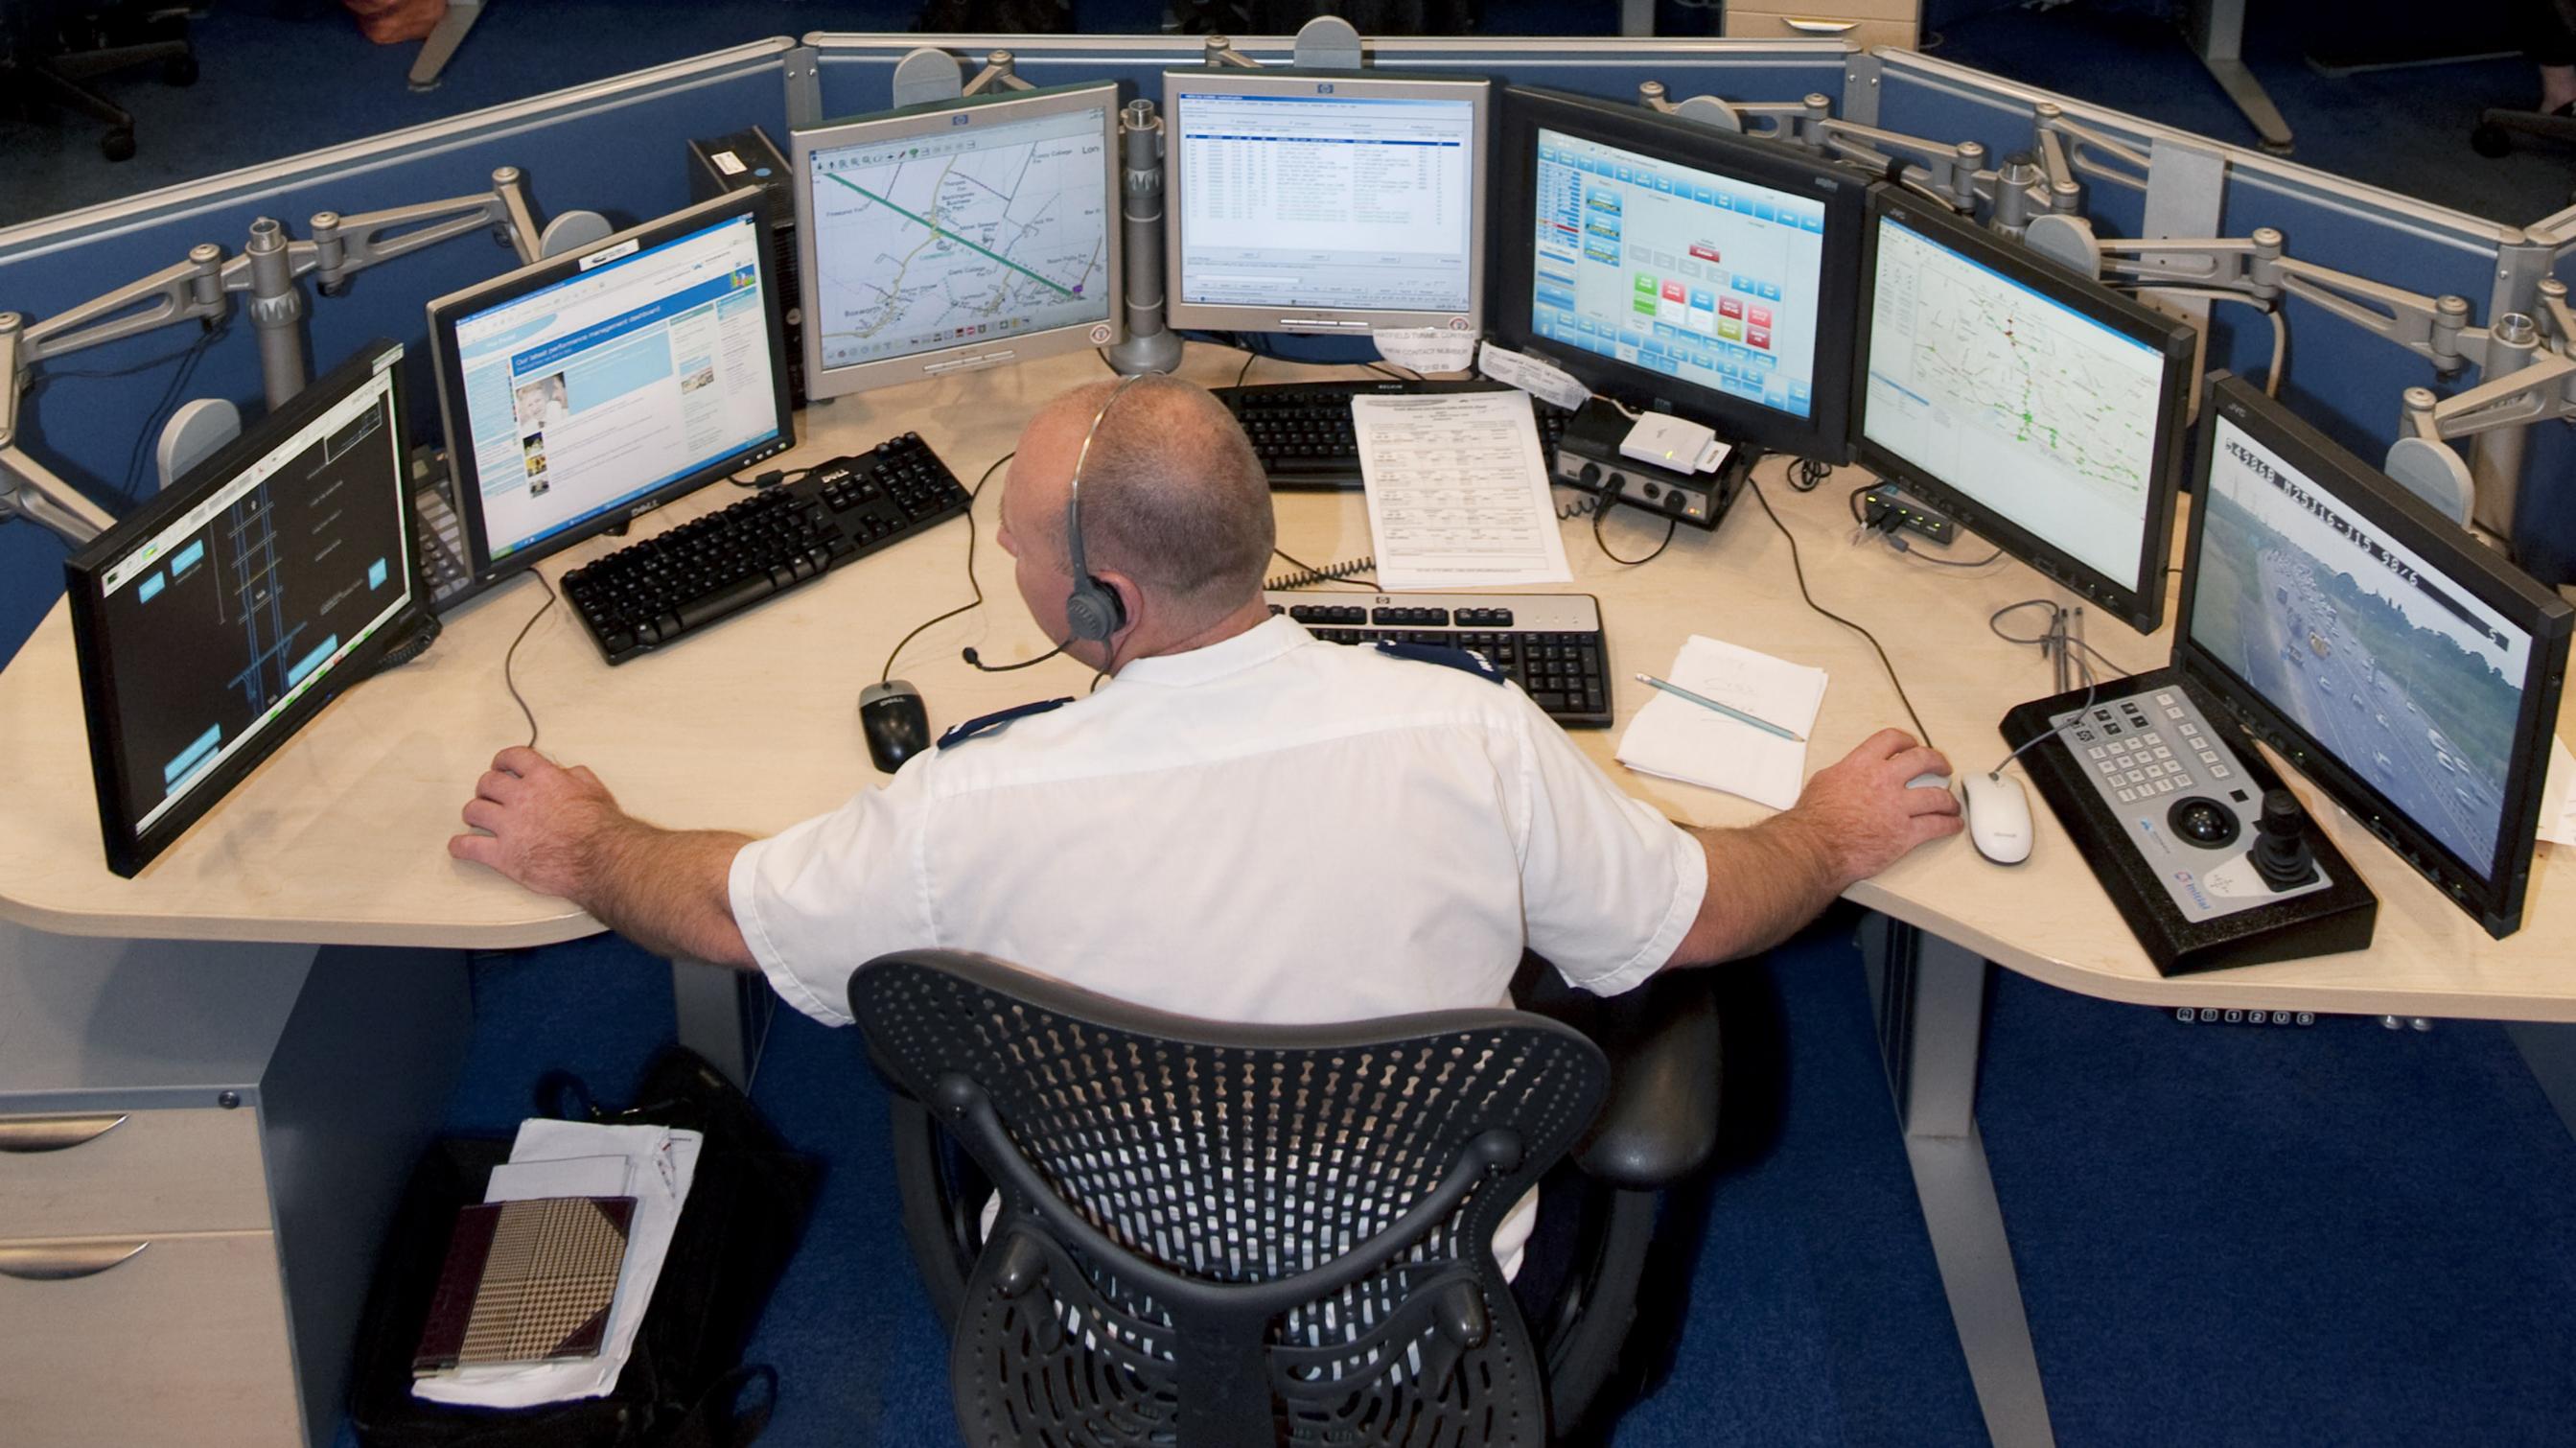 multiple seven screens monitors computer